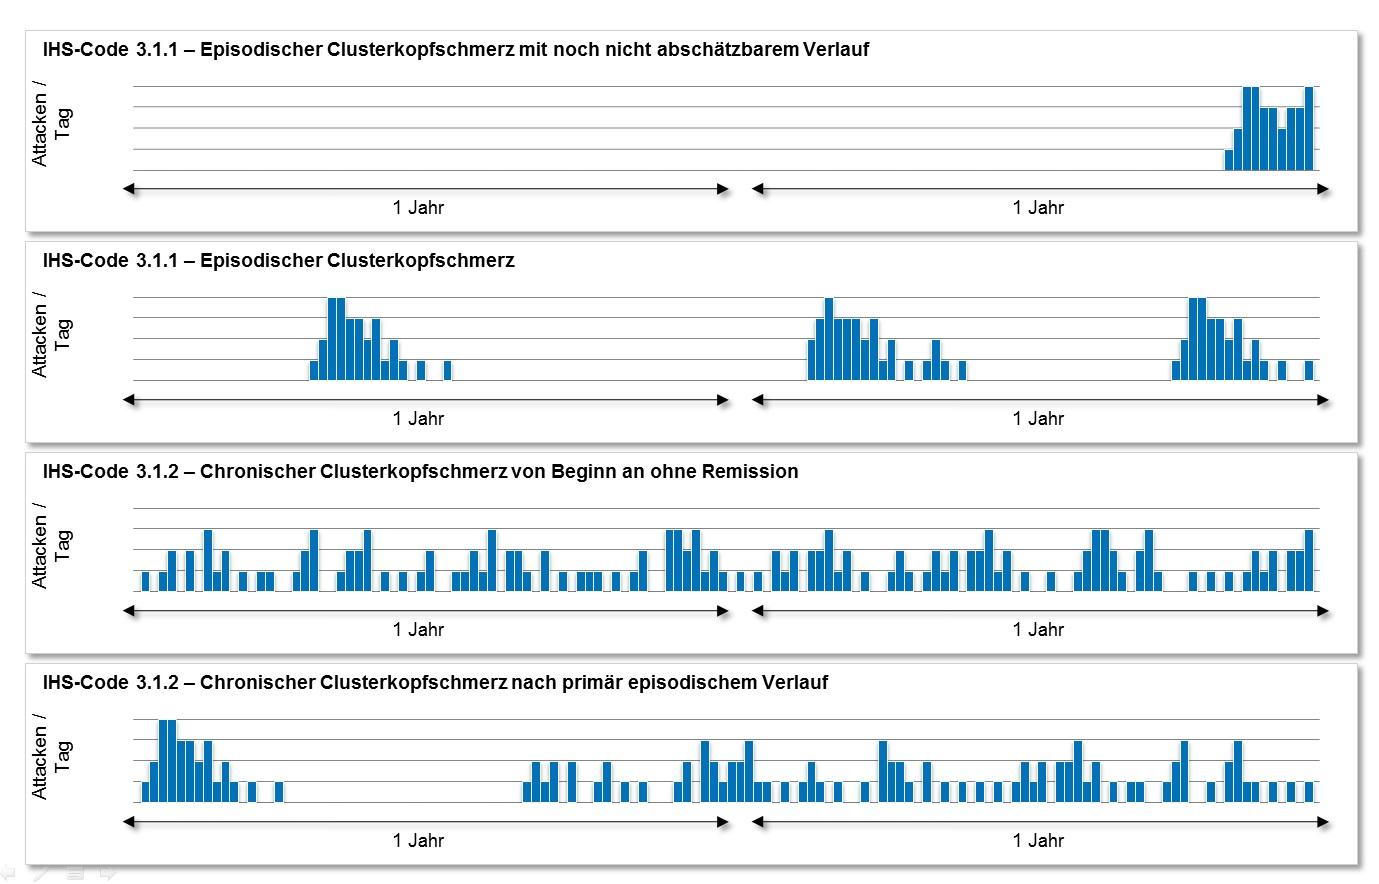 Verschiedene Verlaufsformen des Clusterkopfschmerzes